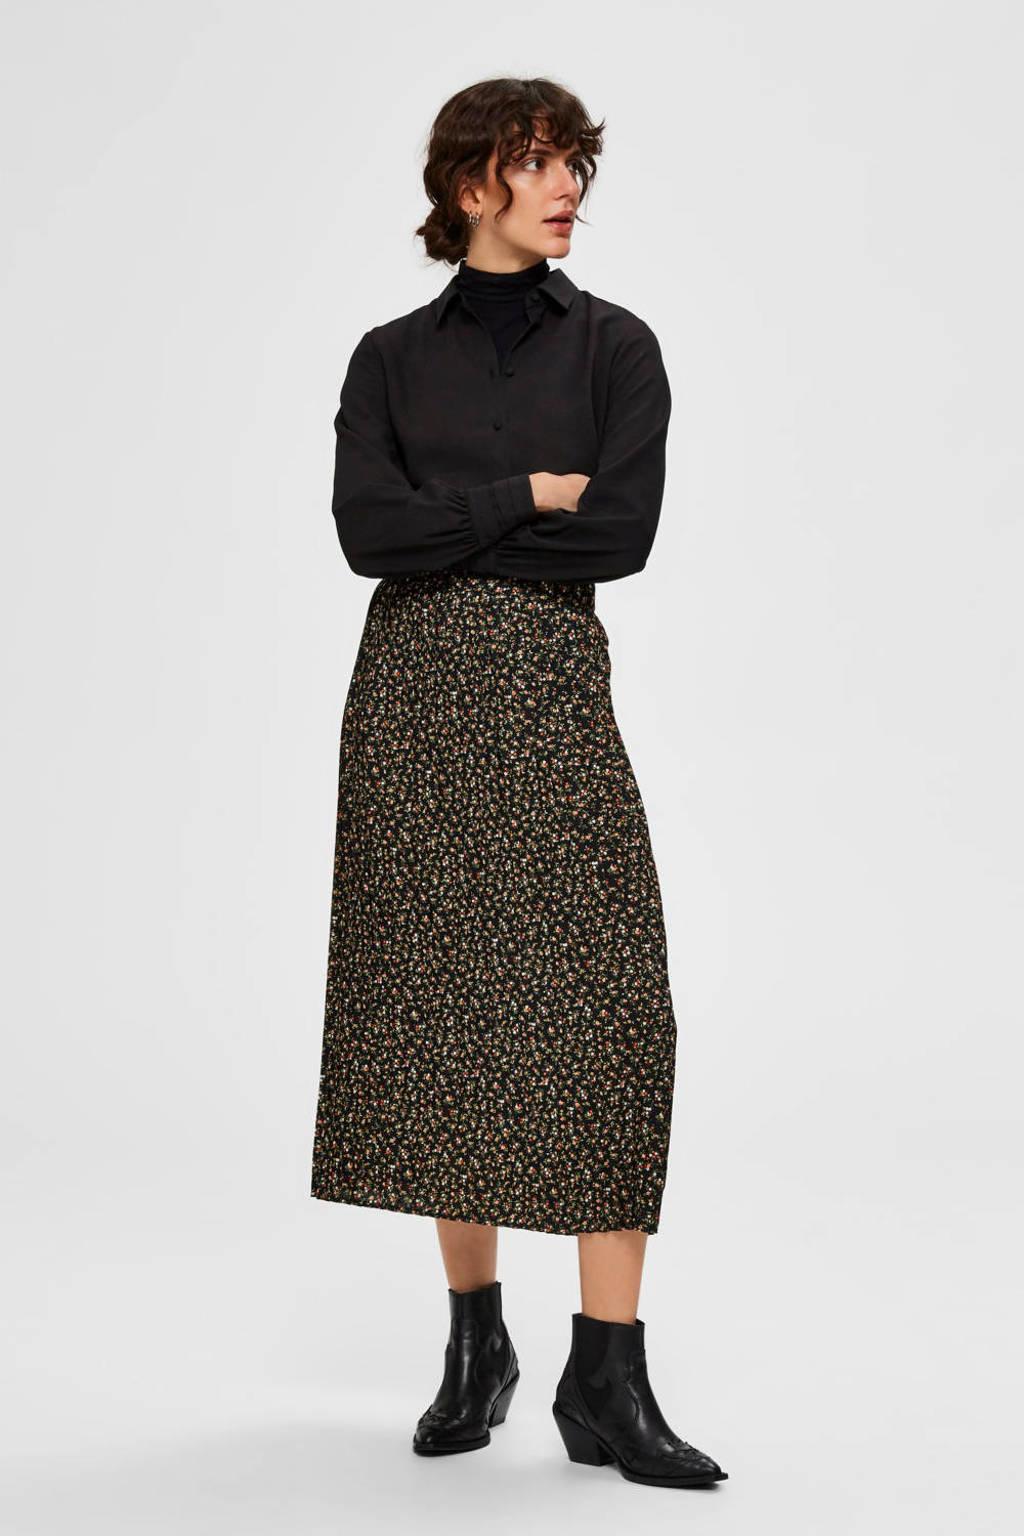 SELECTED FEMME blouse zwart, Zwart